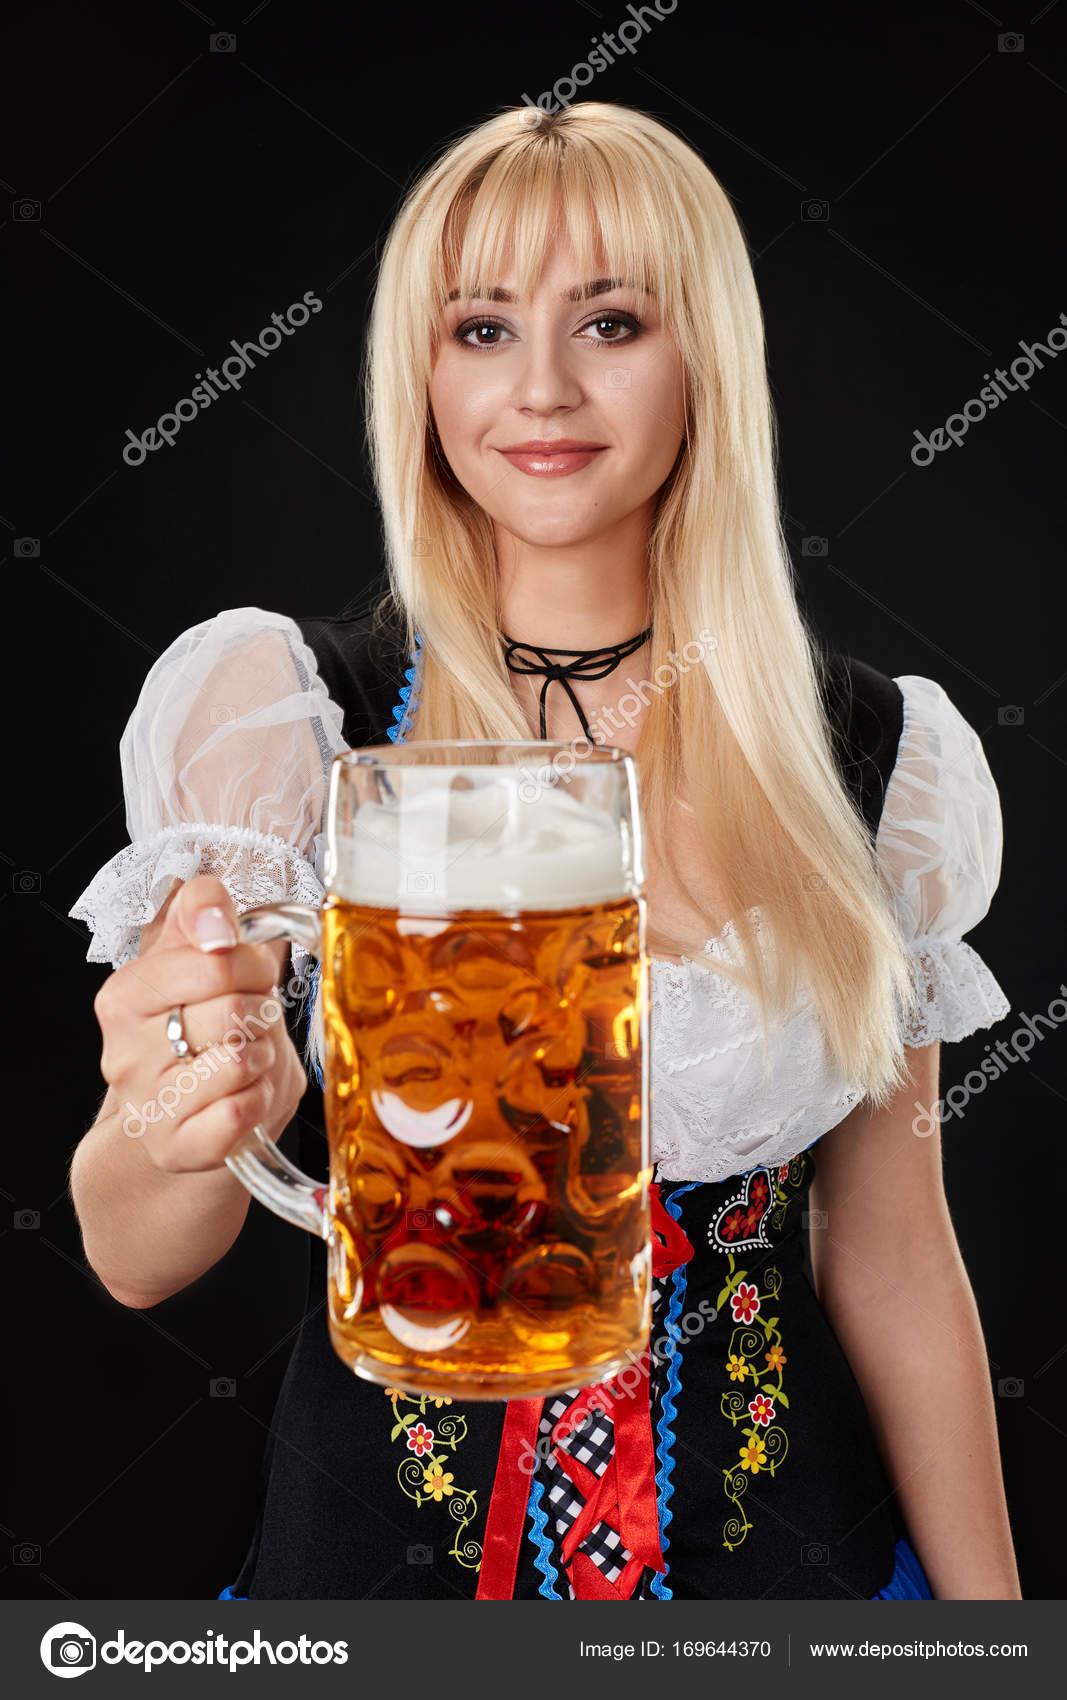 Сексуальная девушка с кружкой пива